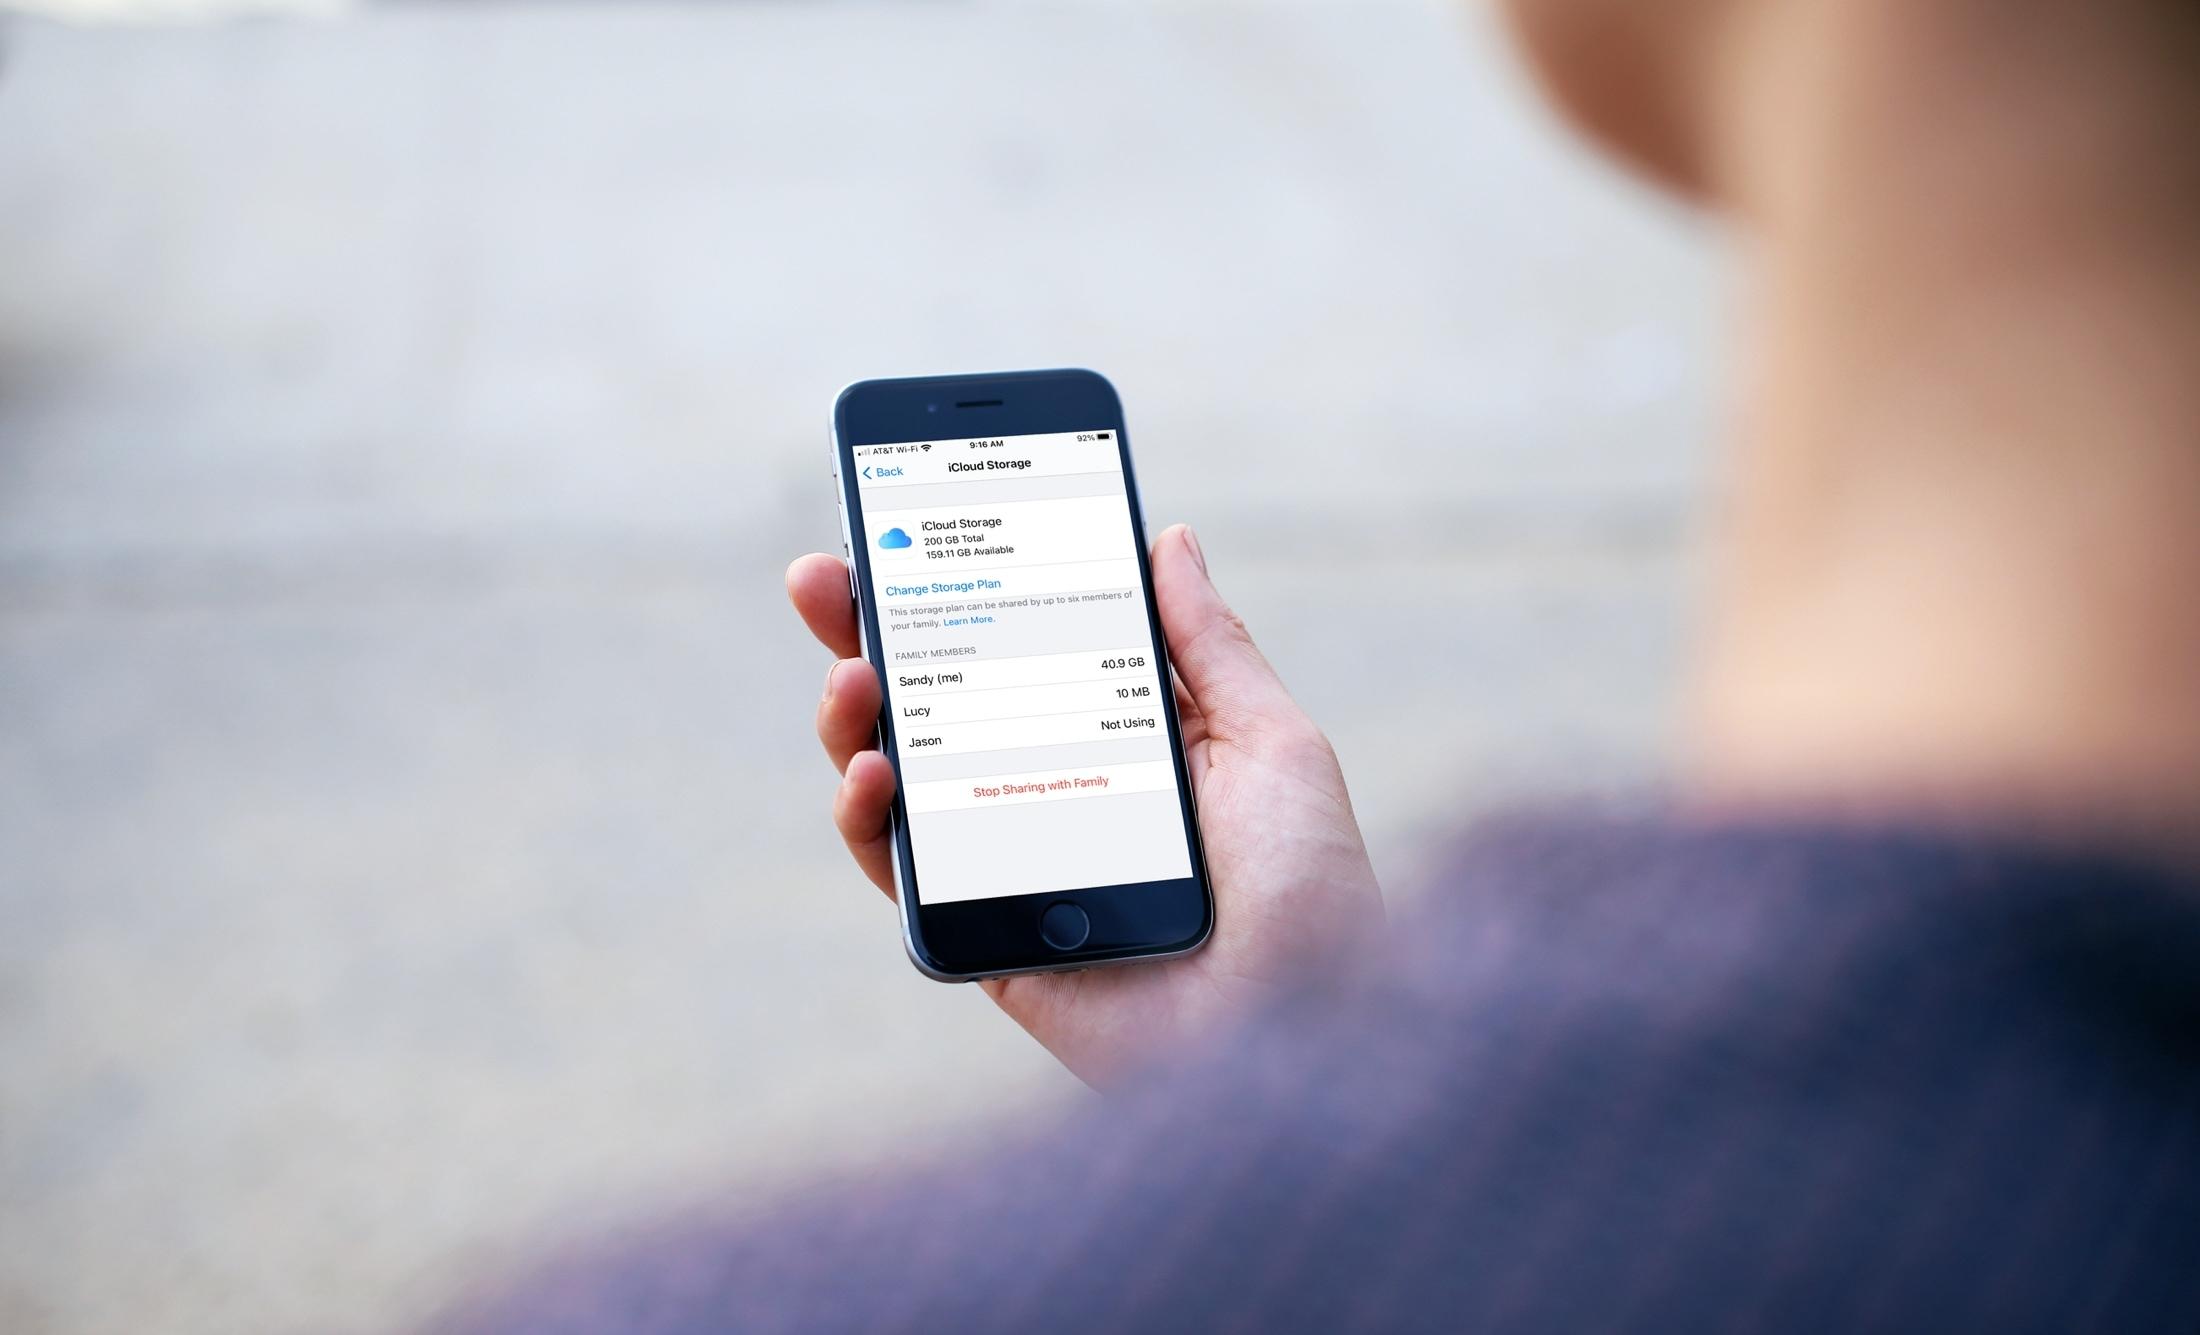 iCloud Storage Family Plan Usage on iPhone